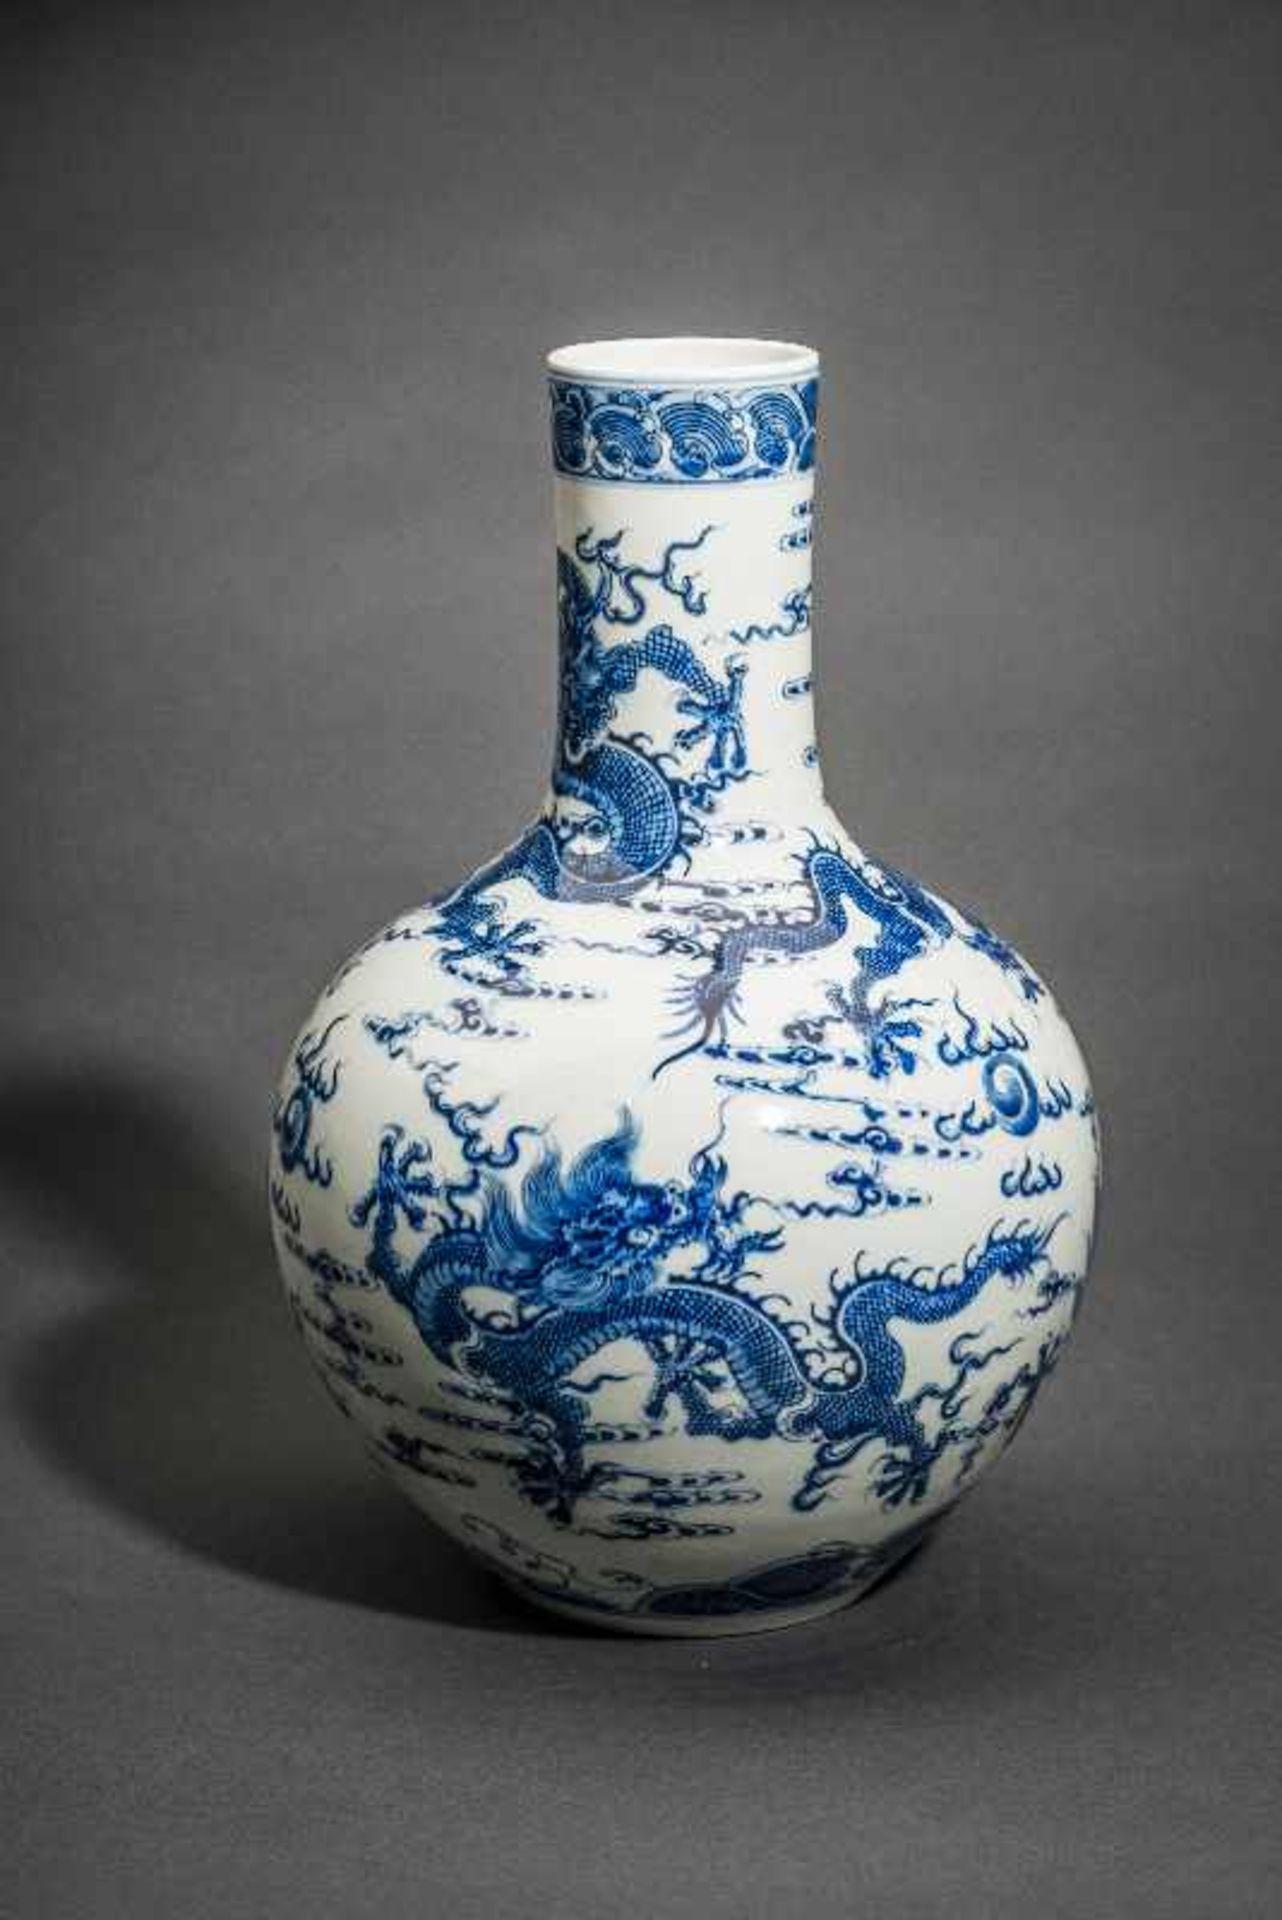 """VASE MIT FÜNF WILDEN DRACHEN Blauweißes Porzellan. China, Sehr belebt gemaltes Motiv """"Drachen in den - Image 2 of 5"""